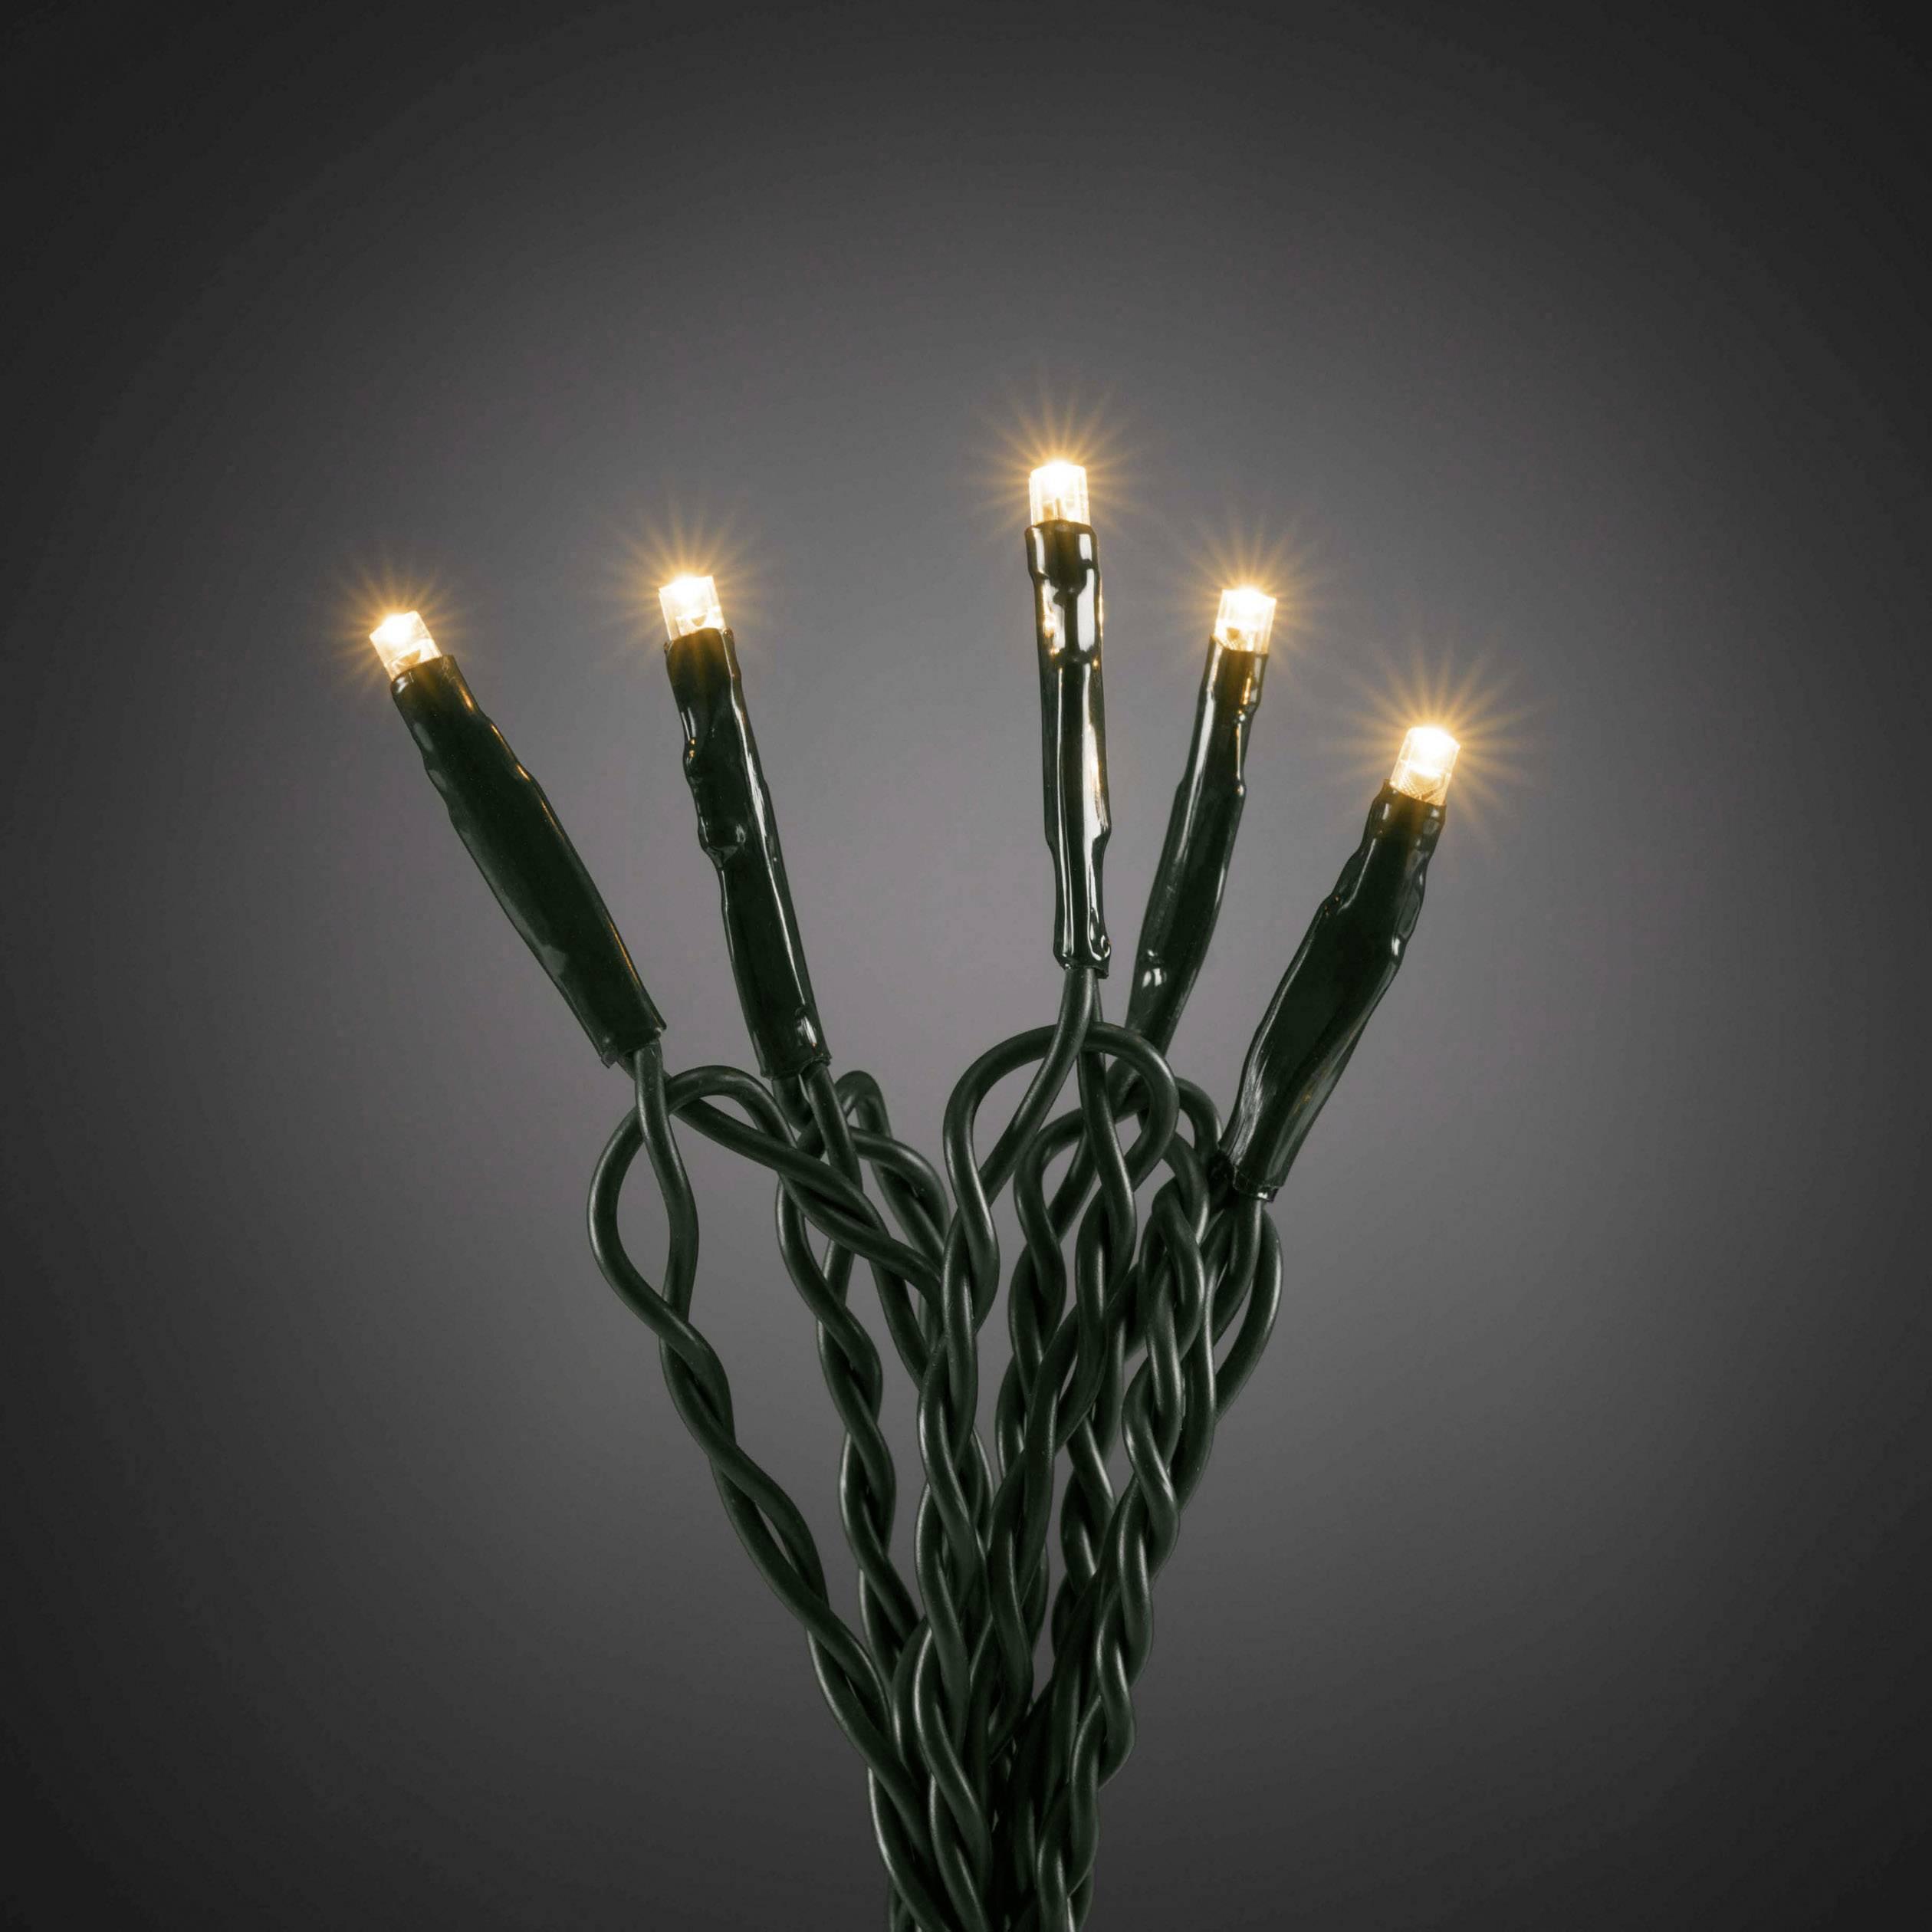 izdelek-konstsmide-6554-870-mikro-svetlobna-zavesa-z-nadzorom-preko